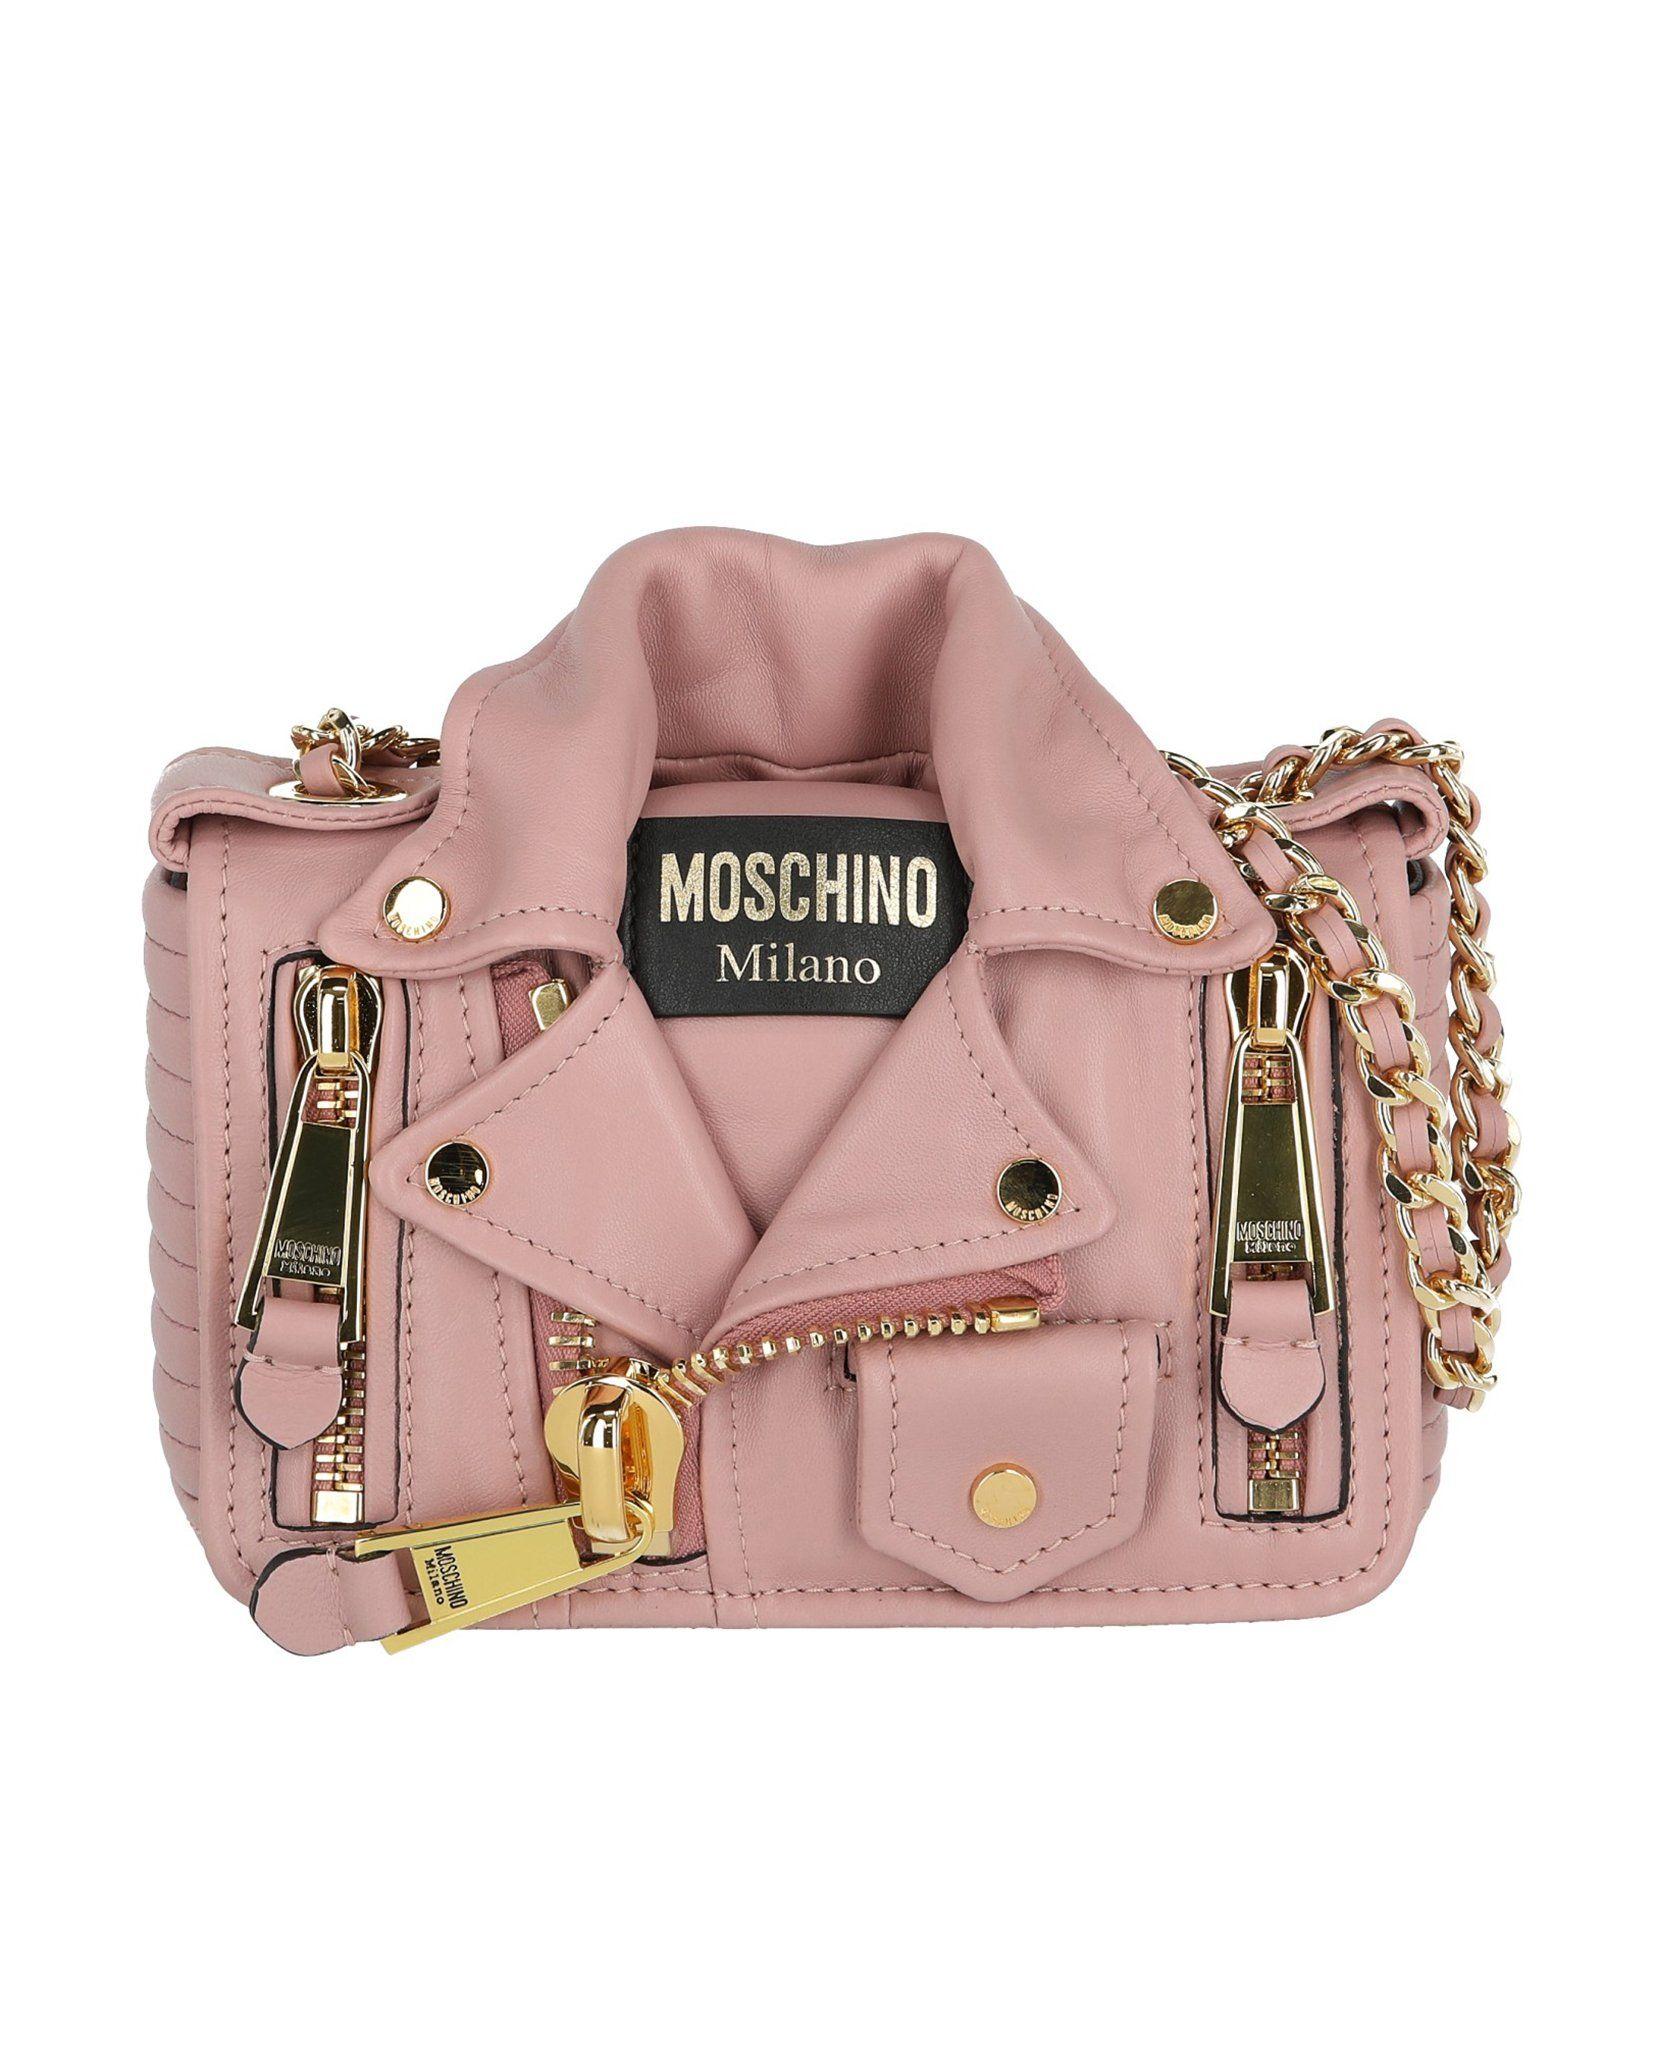 758f60a915 DETAILS Moschino Biker Jacket Shoulder Bag 100% leather Gold-plated  hardware H 5.9